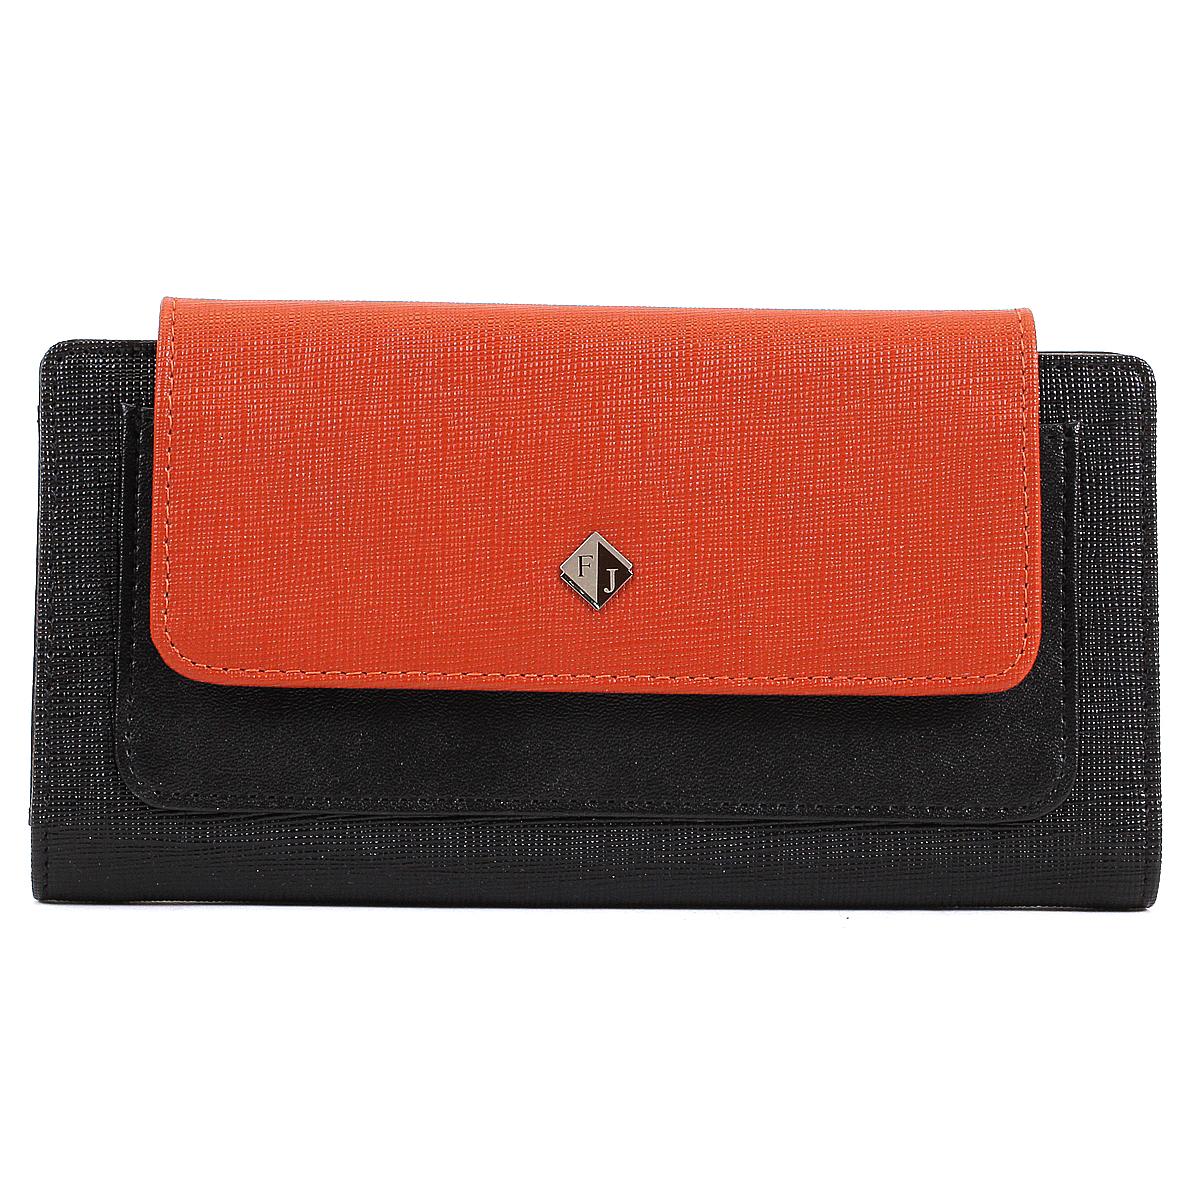 Кошелек женский Flioraj, цвет: черный, оранжевый. 1554-05/04/F1554-05/04/F черн-рыжСтильный женский кошелек Flioraj выполнен из натуральной кожи, оформлен не большой металлической пластинкой с логотипом бренда. Модель закрывается широким клапаном на кнопку. Внутри - четыре отделения для купюр, двенадцать наборных кармашков для кредиток и визитных карточек, карман с окошком из прозрачного пластика и два маленьких кармашка для sim-карт. На внешней стороне под клапаном расположен дополнительный накладной карман для бумаг и чеков.